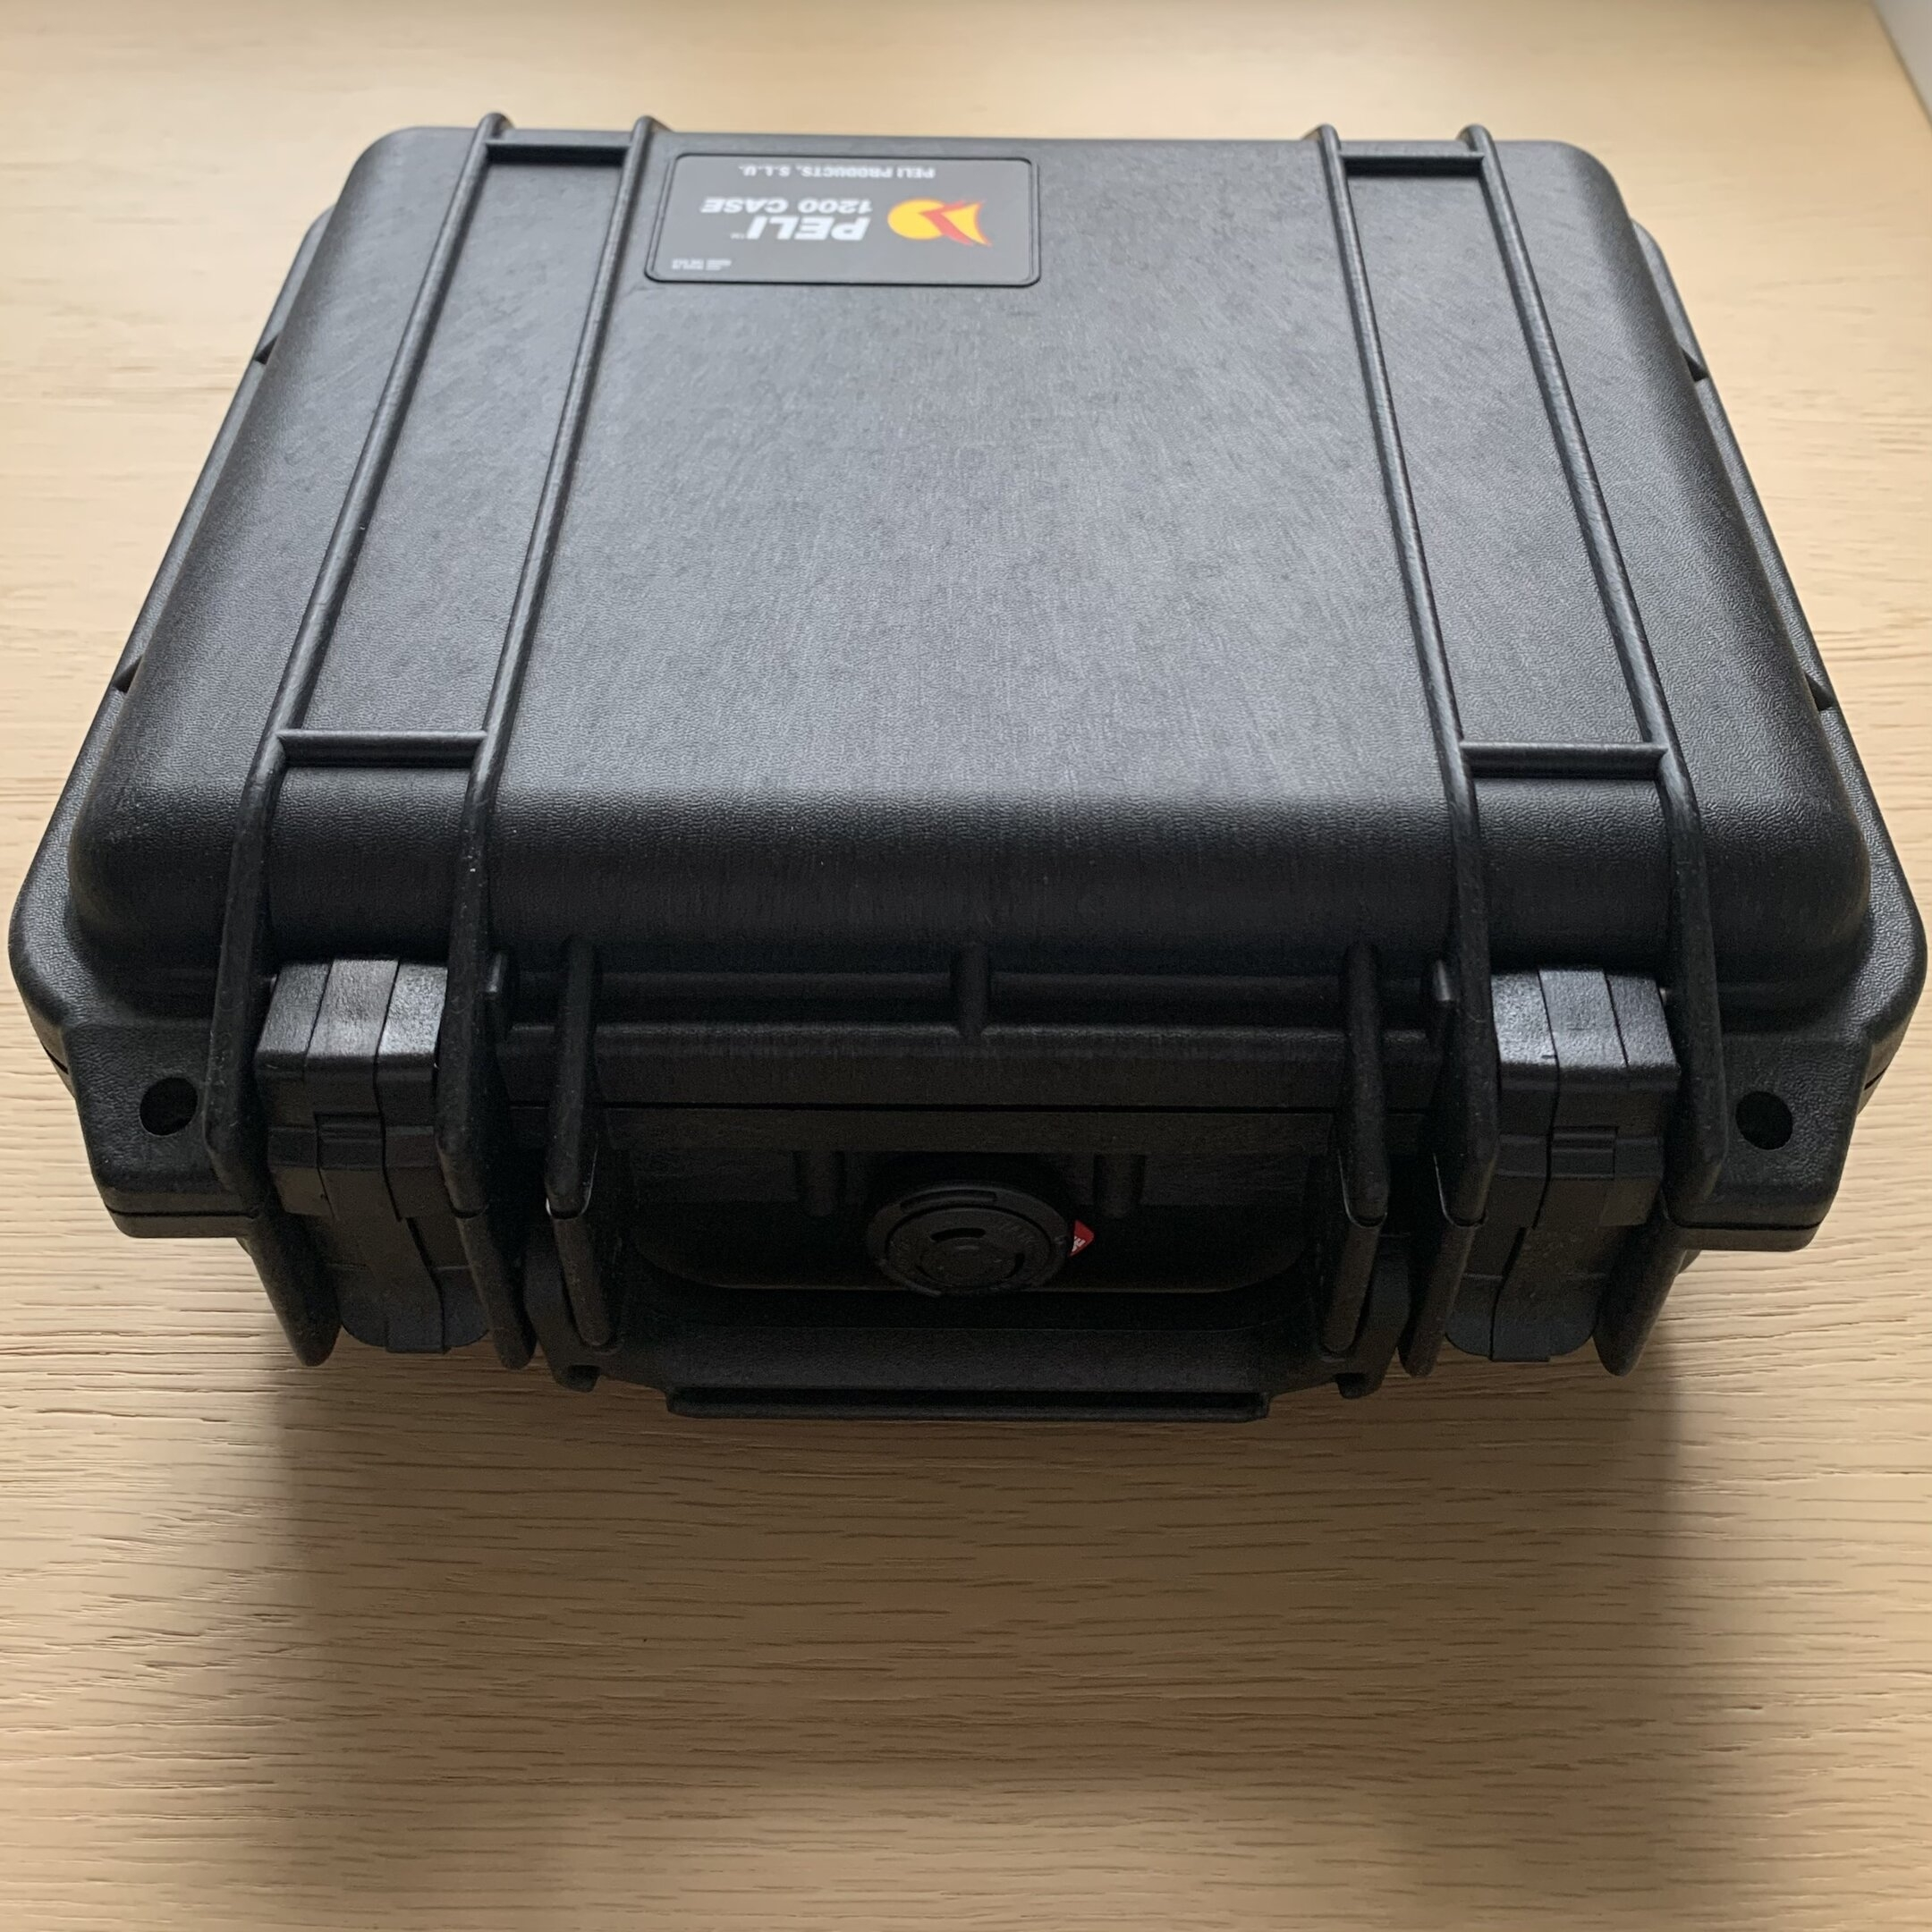 12C9637D-BA01-4C59-8E63-D1D591A595B8.jpeg